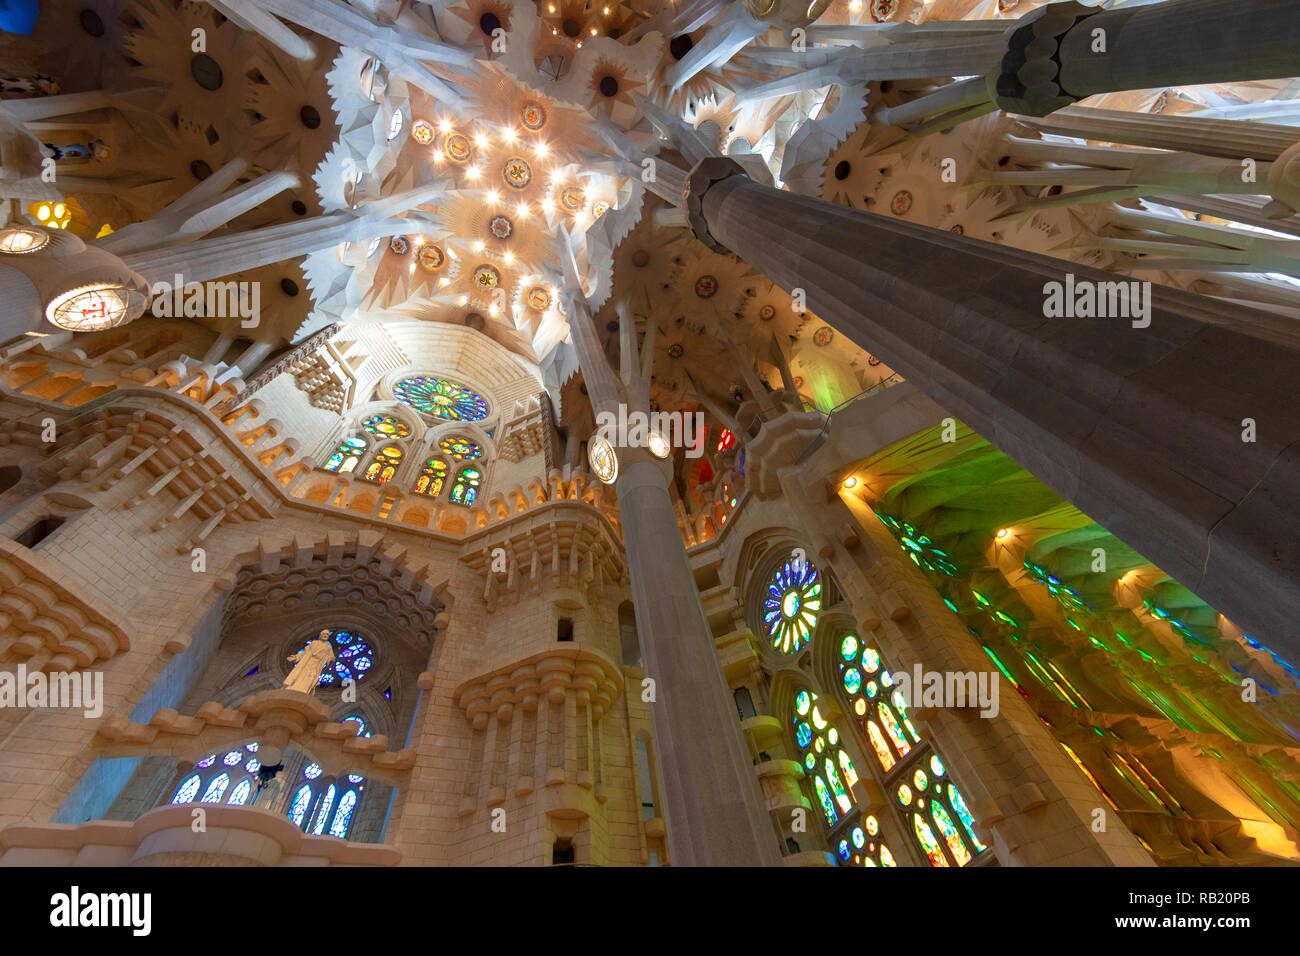 Innenansicht, Deckengewölbe Sagrada Familia, Barcelona, Spanien Stockbild